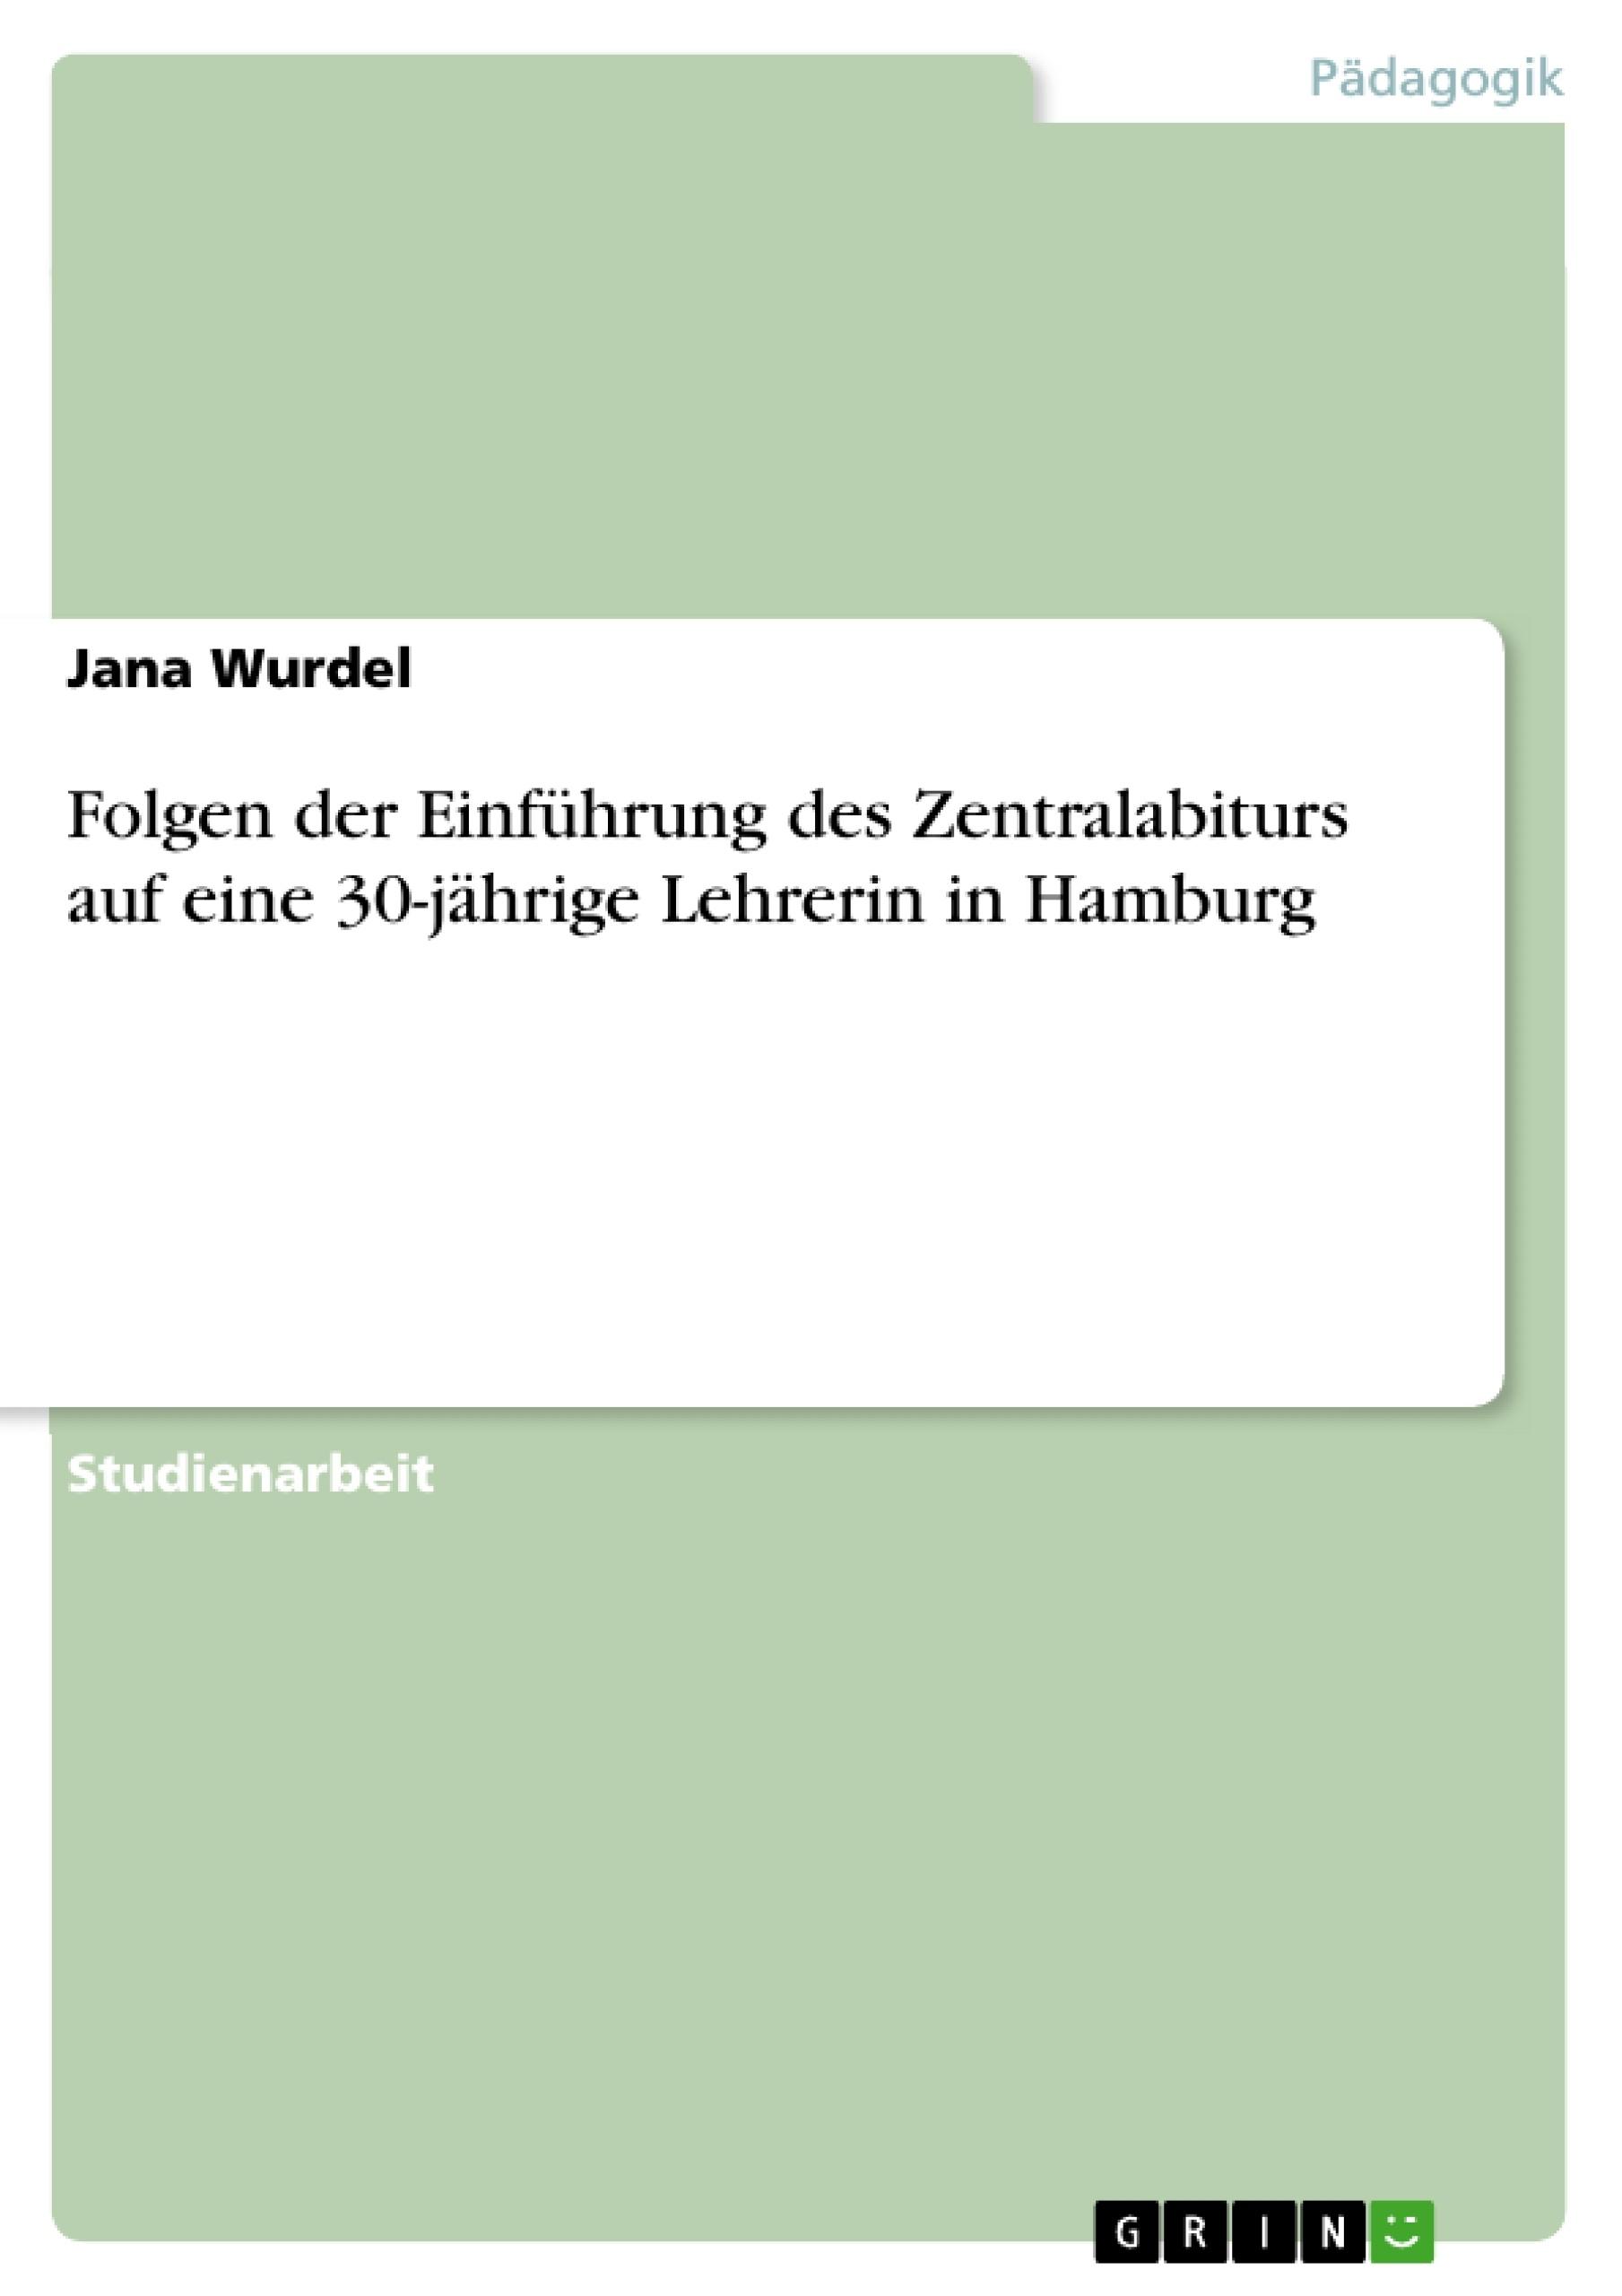 Titel: Folgen der Einführung des Zentralabiturs auf eine 30-jährige Lehrerin in Hamburg